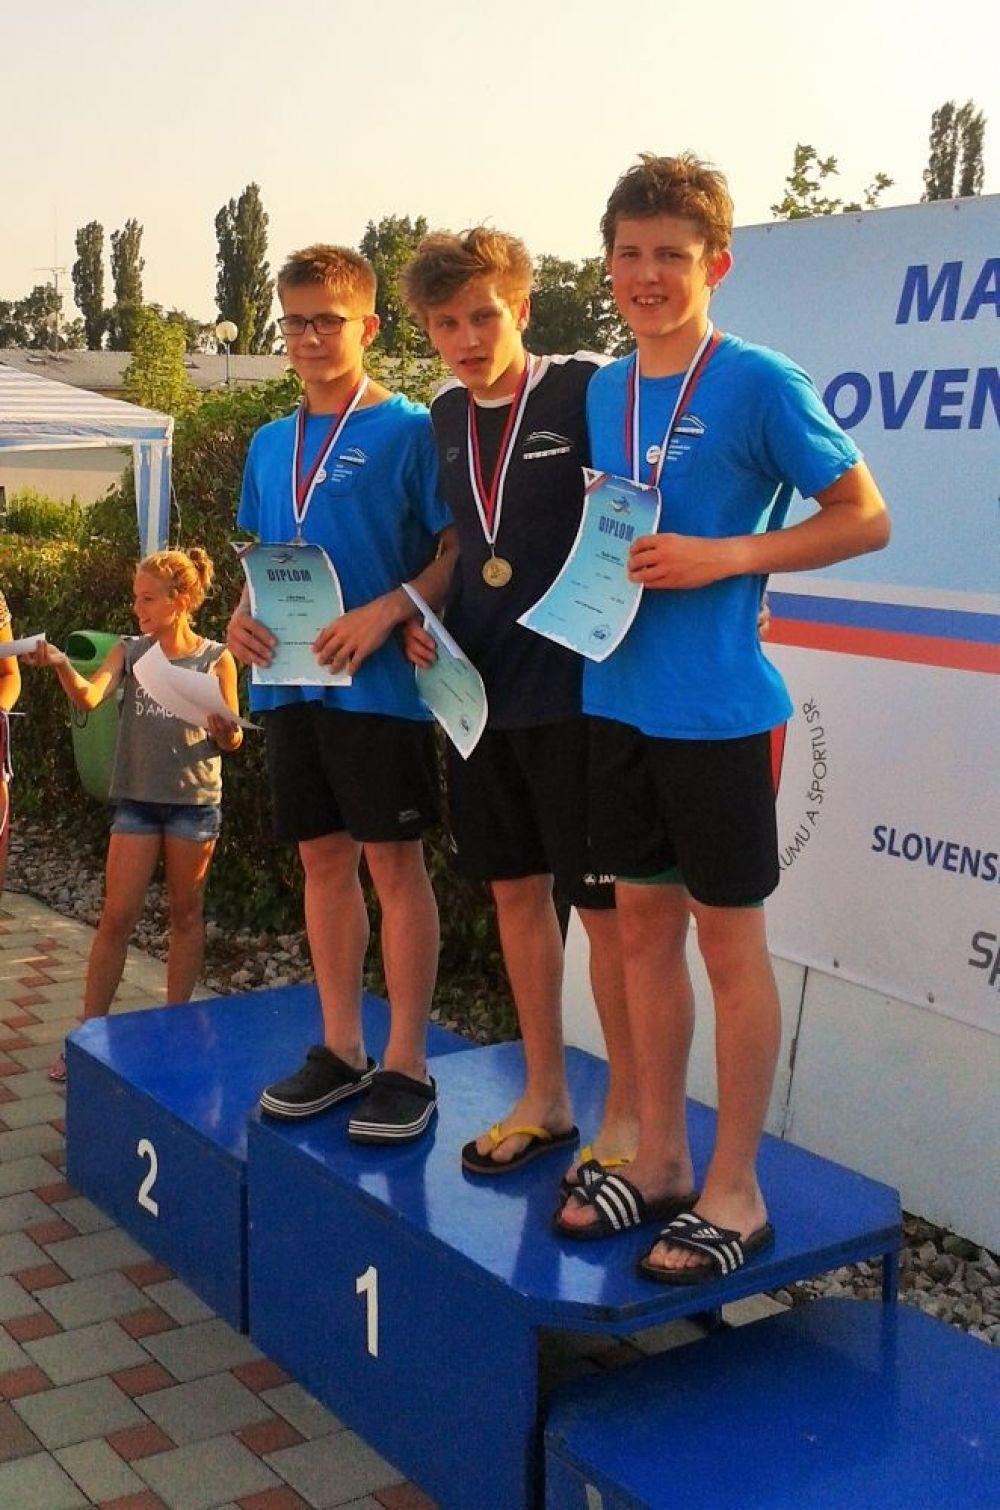 Majstrovstvá Slovenska Nereus 2015 Leto, foto 2